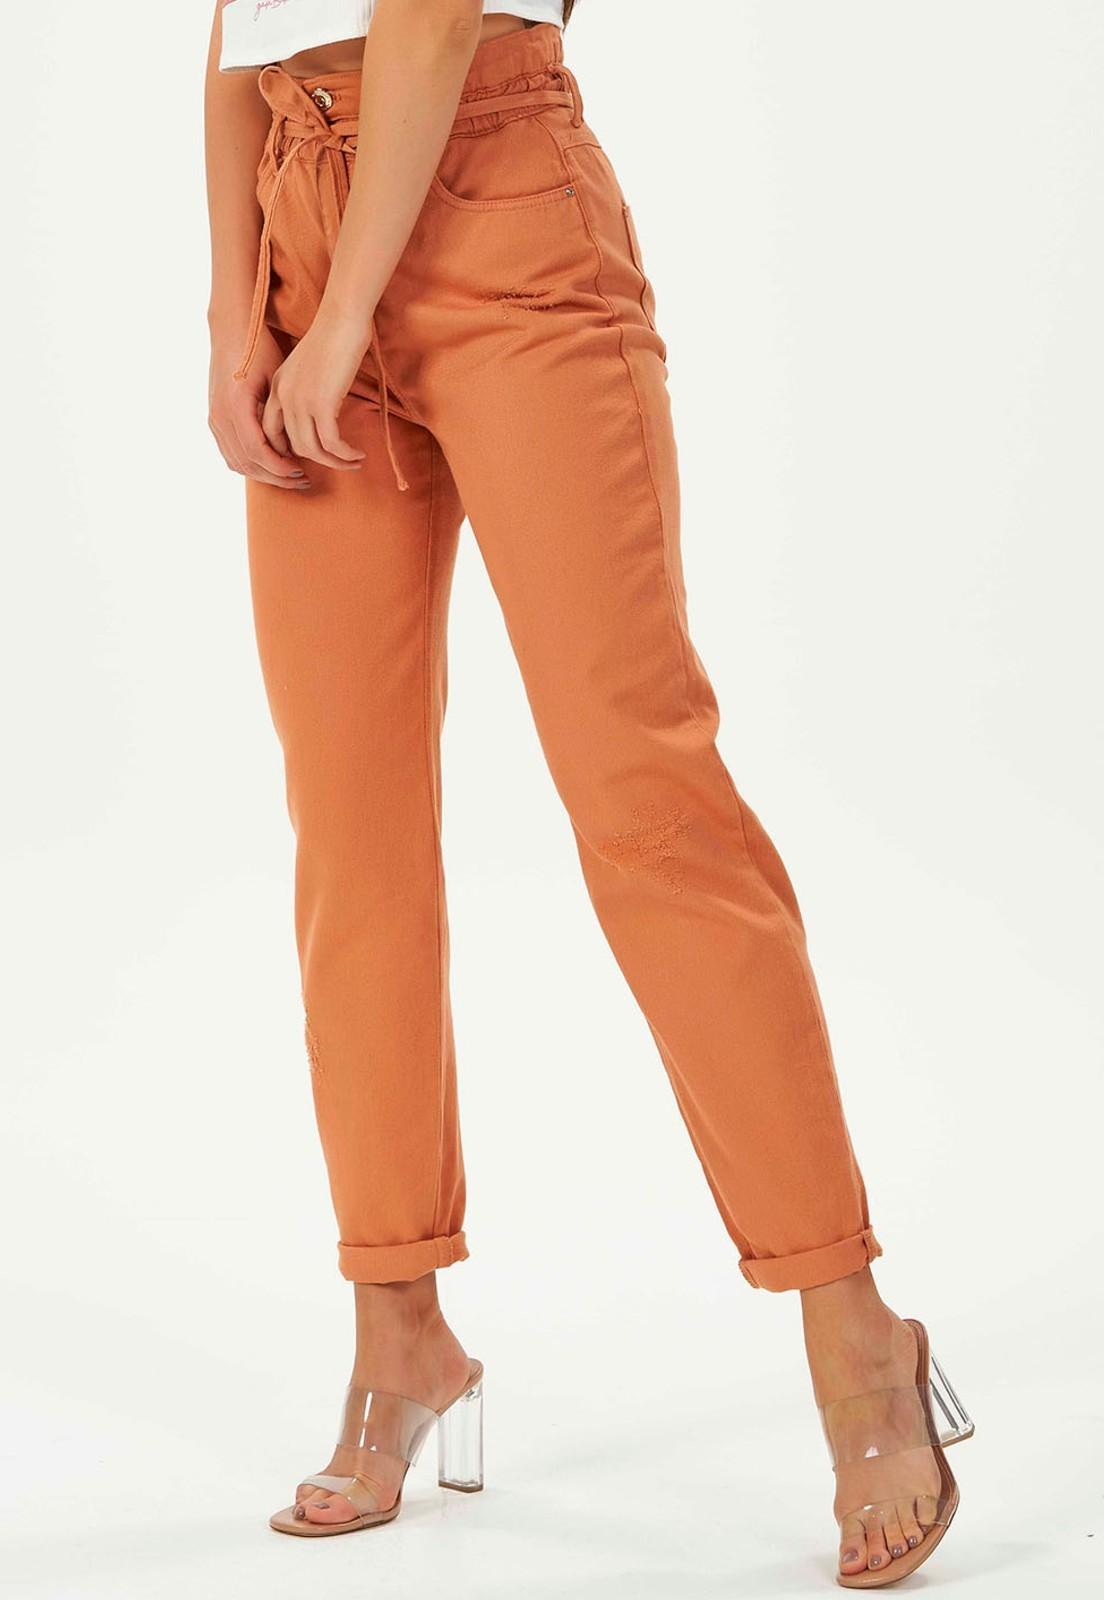 Calça MOM jeans Gatabakana